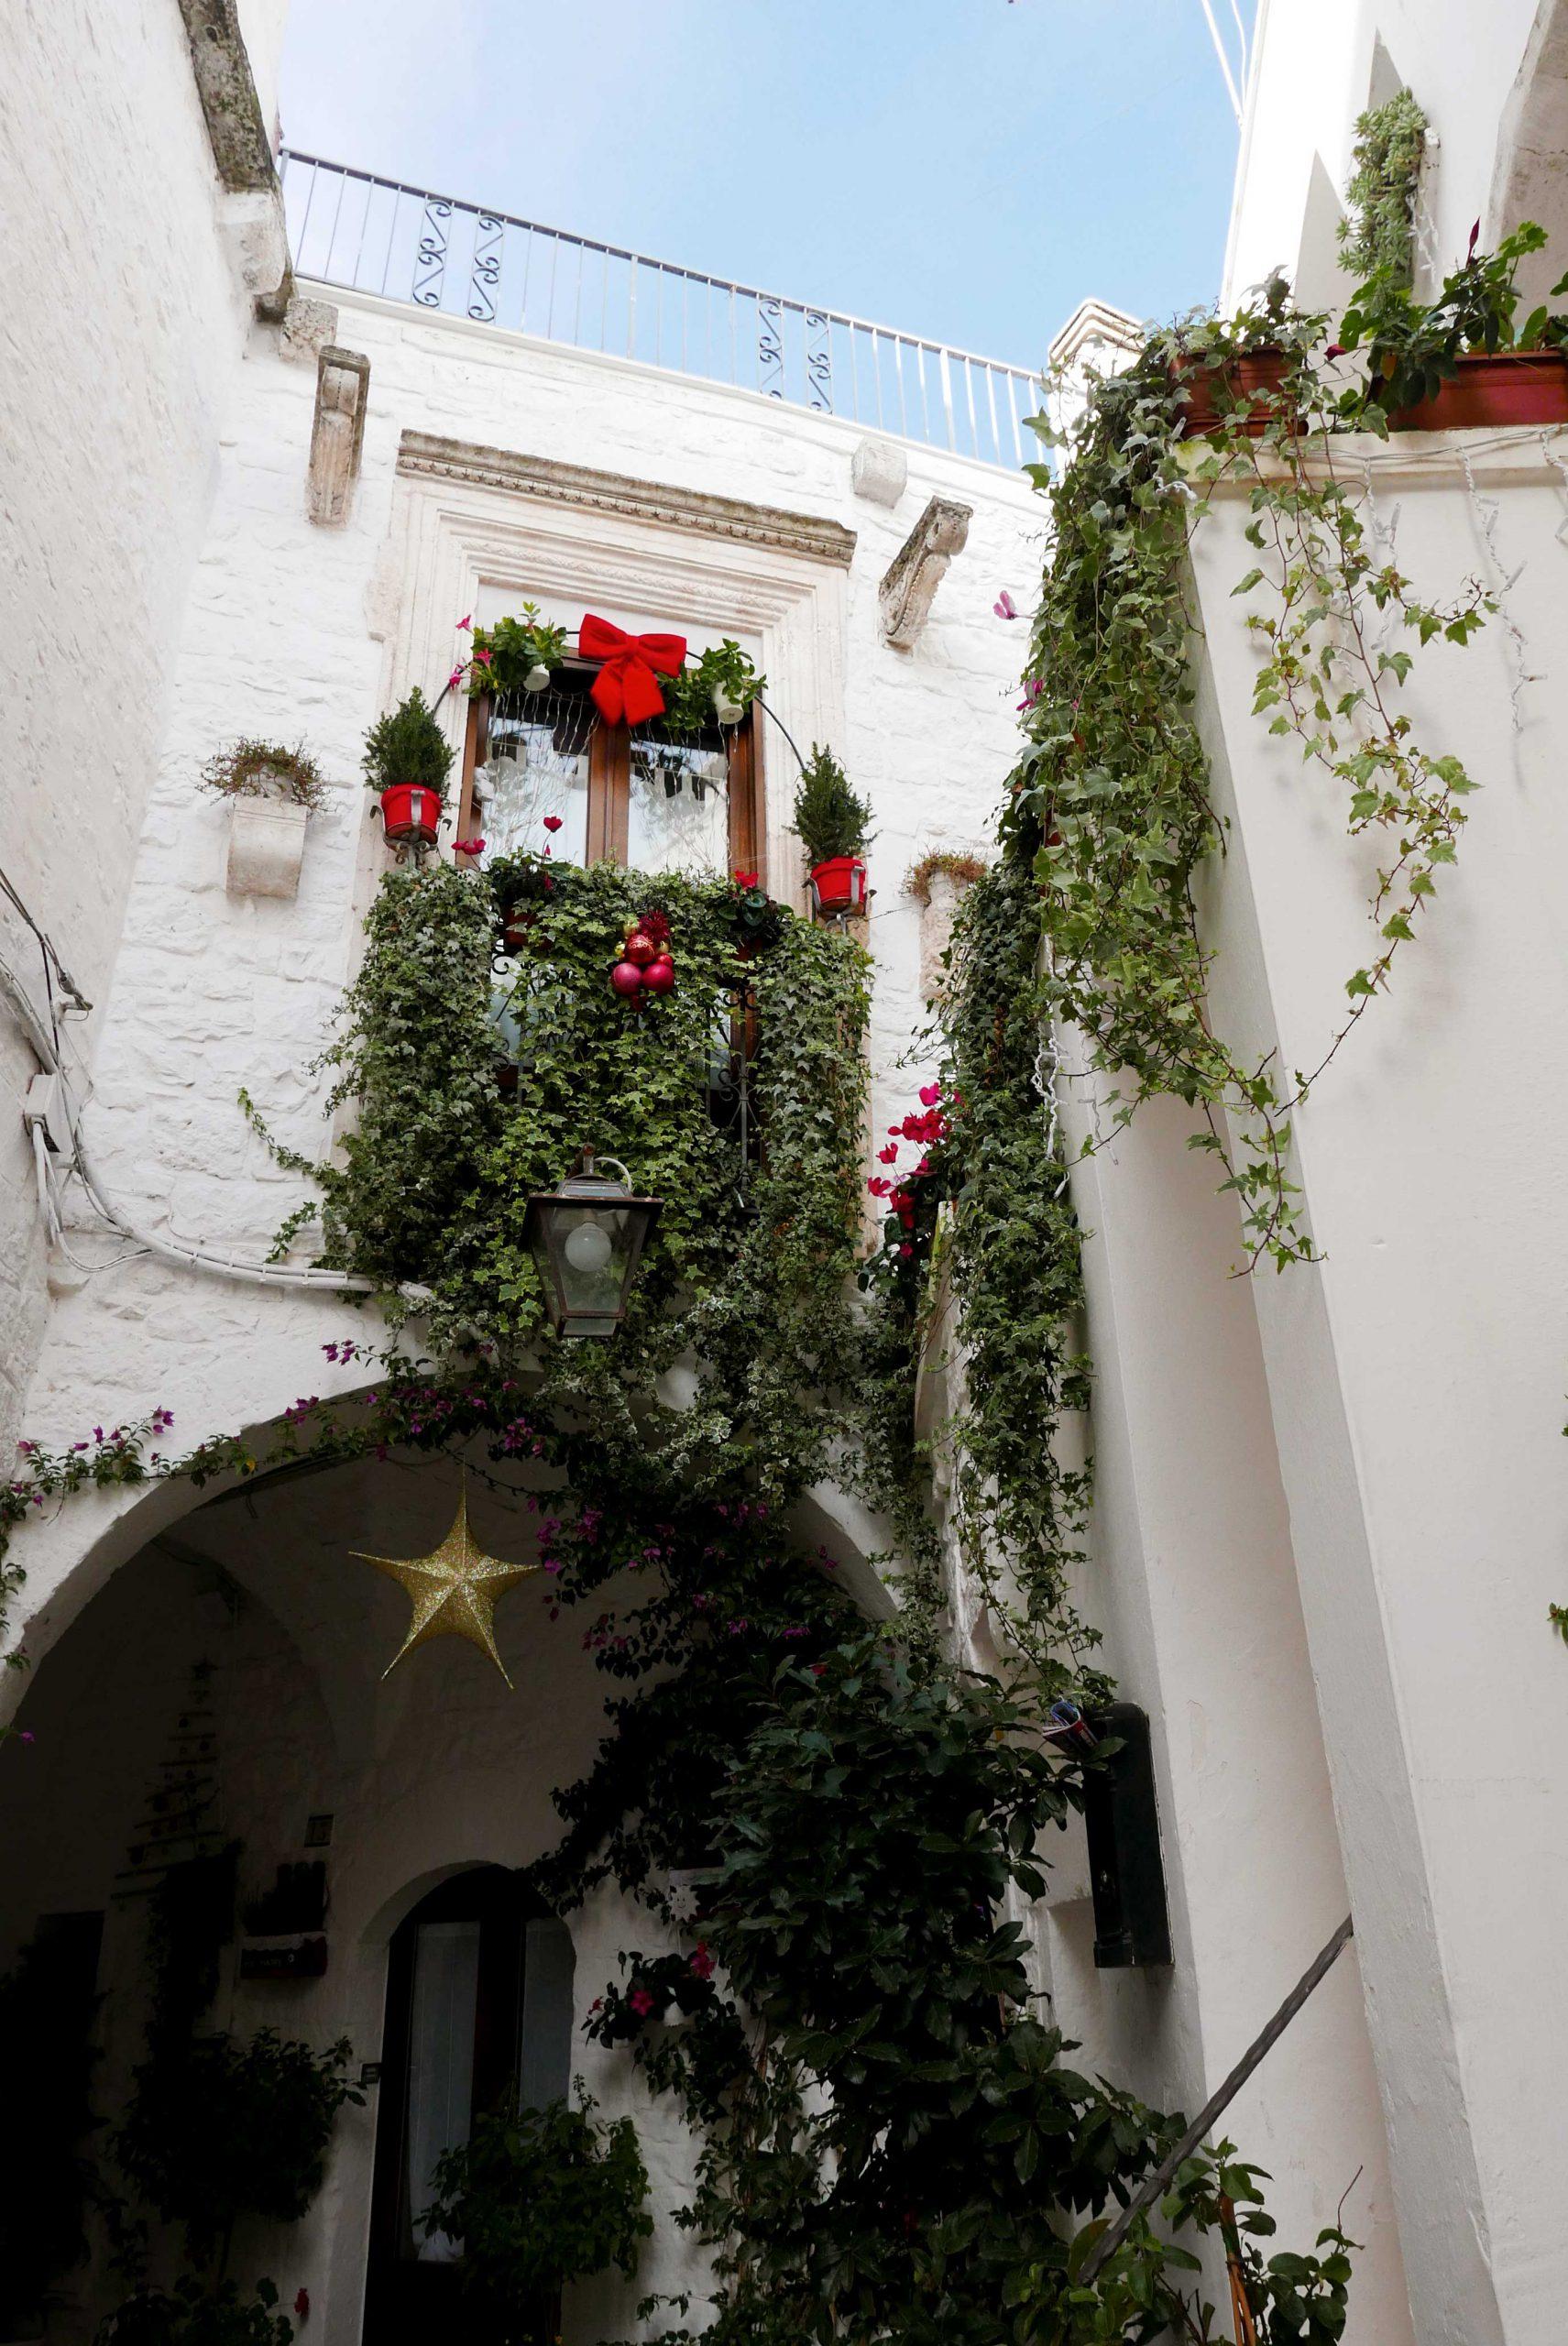 5 cose da fare in Valle d'Itria a dicembre